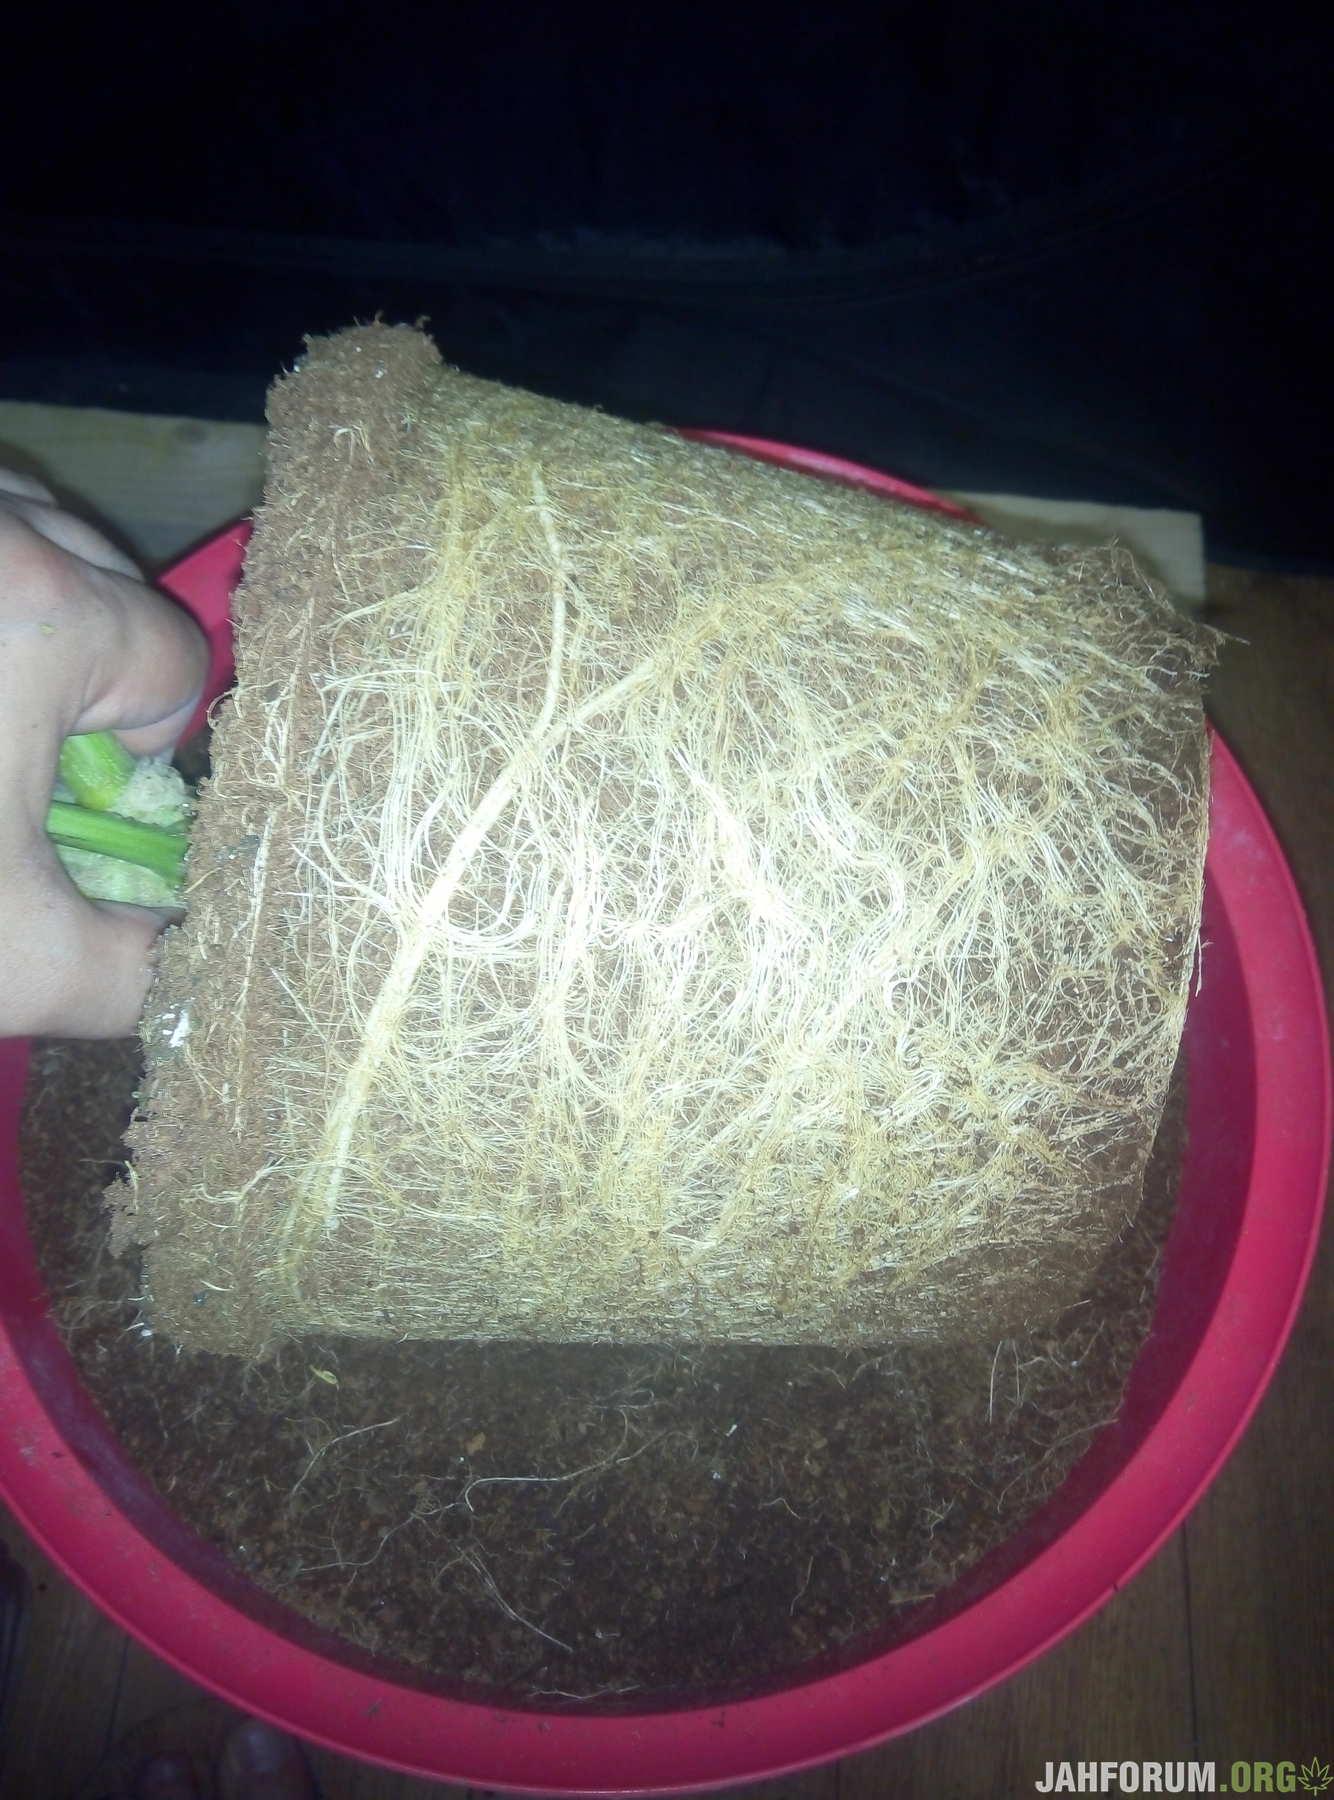 Корни в 7.5 литрах кокоса